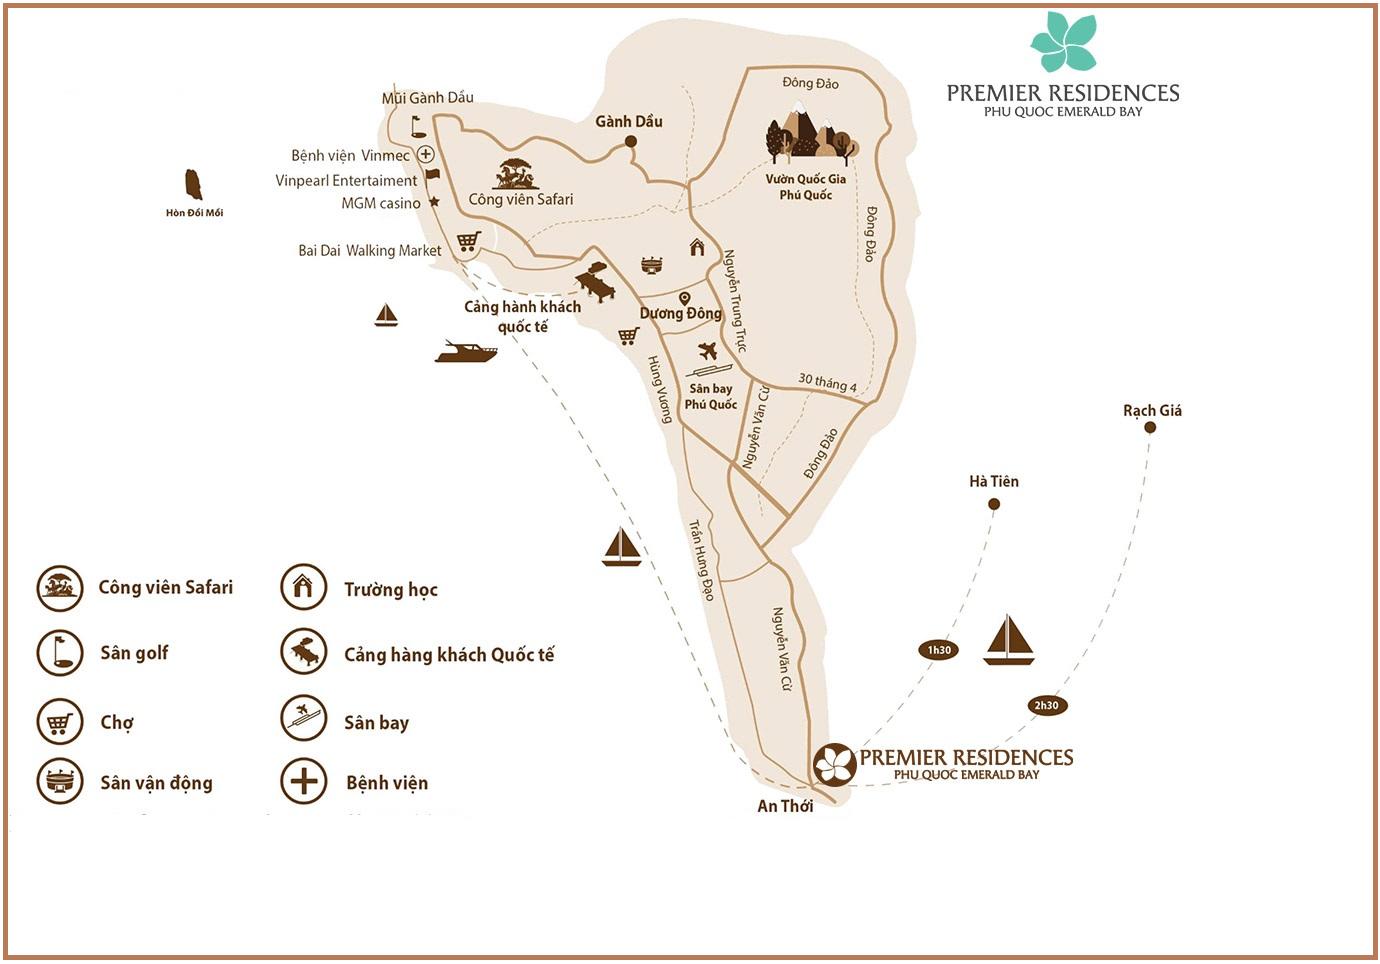 Vị trí dự án Premier Residences Phú Quốc Emerald Bay